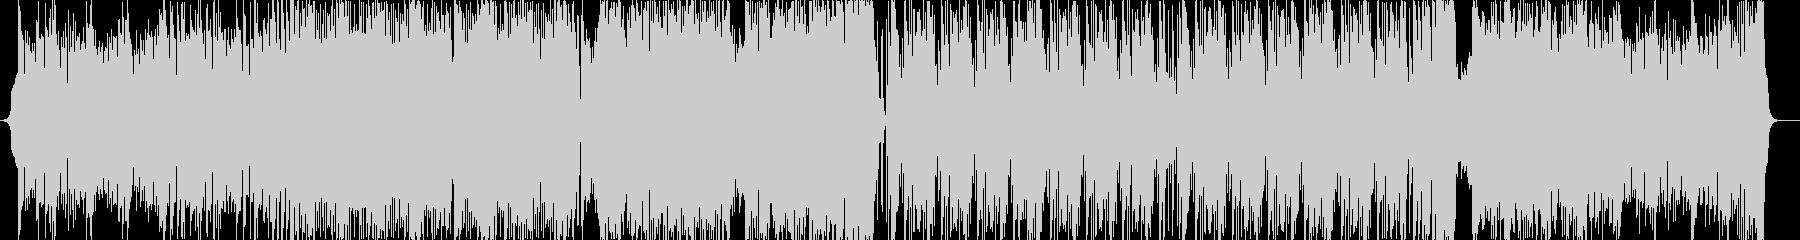 激しいビッグビート/メタルの未再生の波形